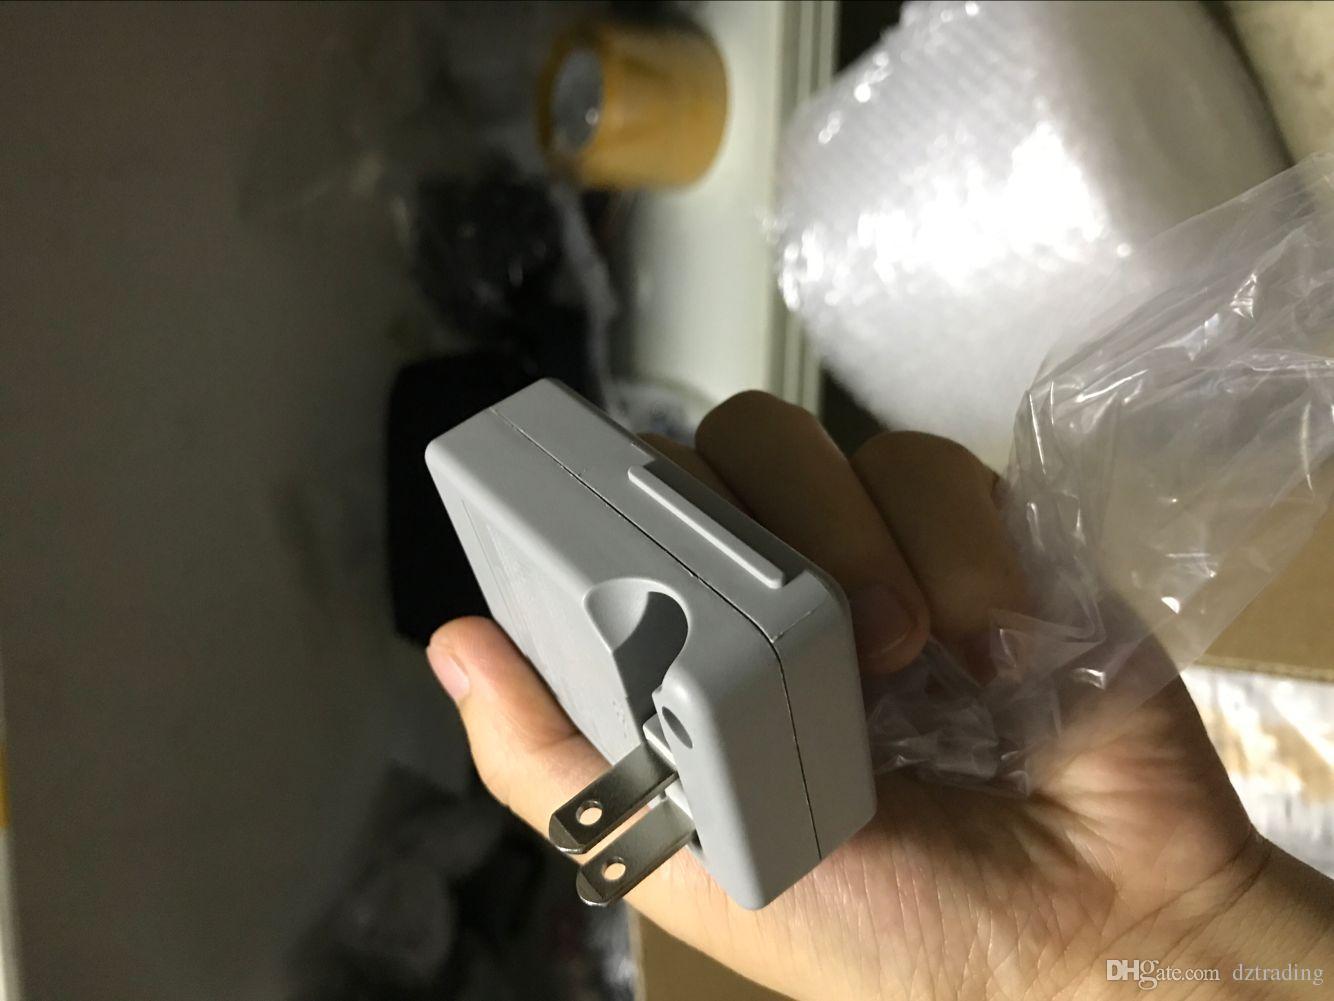 Cargador de corriente alterna Adaptador de corriente alterna Cargador de batería de viaje de pared Cable de alimentación para Nintendo NDSi 3DS 3DSXL LL Dsi